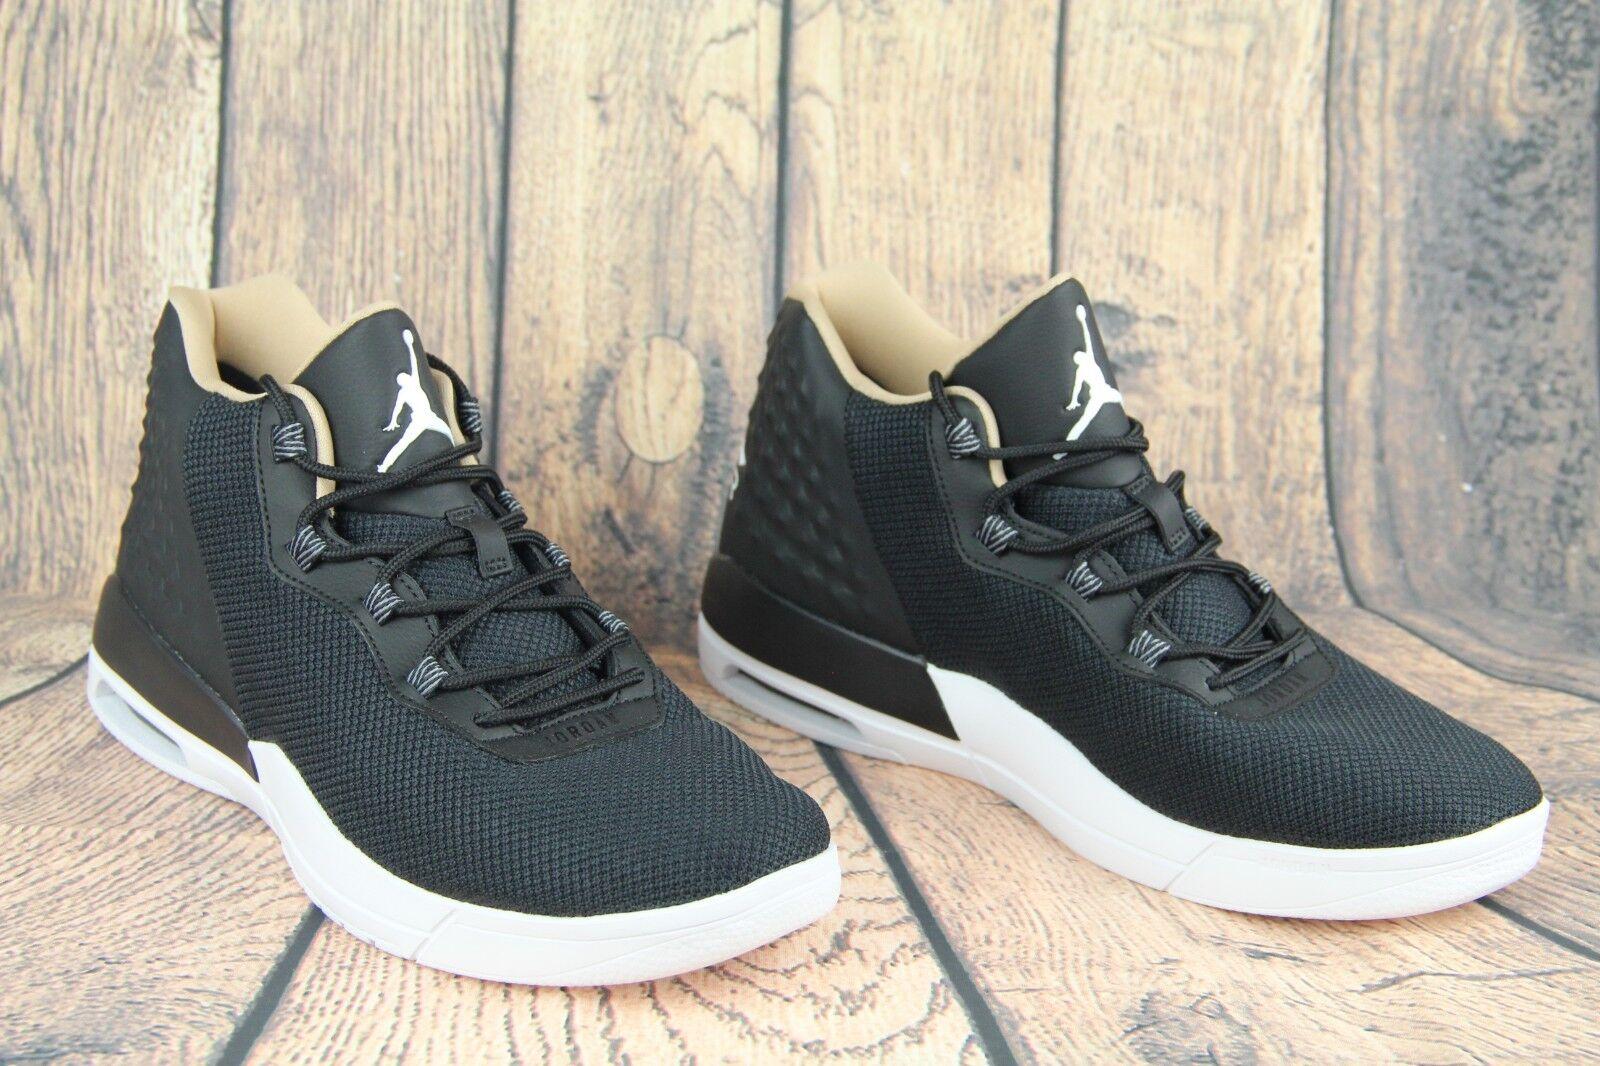 Jordan Zapatos Academy Baloncesto Zapatos Jordan Negro Air vachetta tan 844515-012 para hombre 0870a4